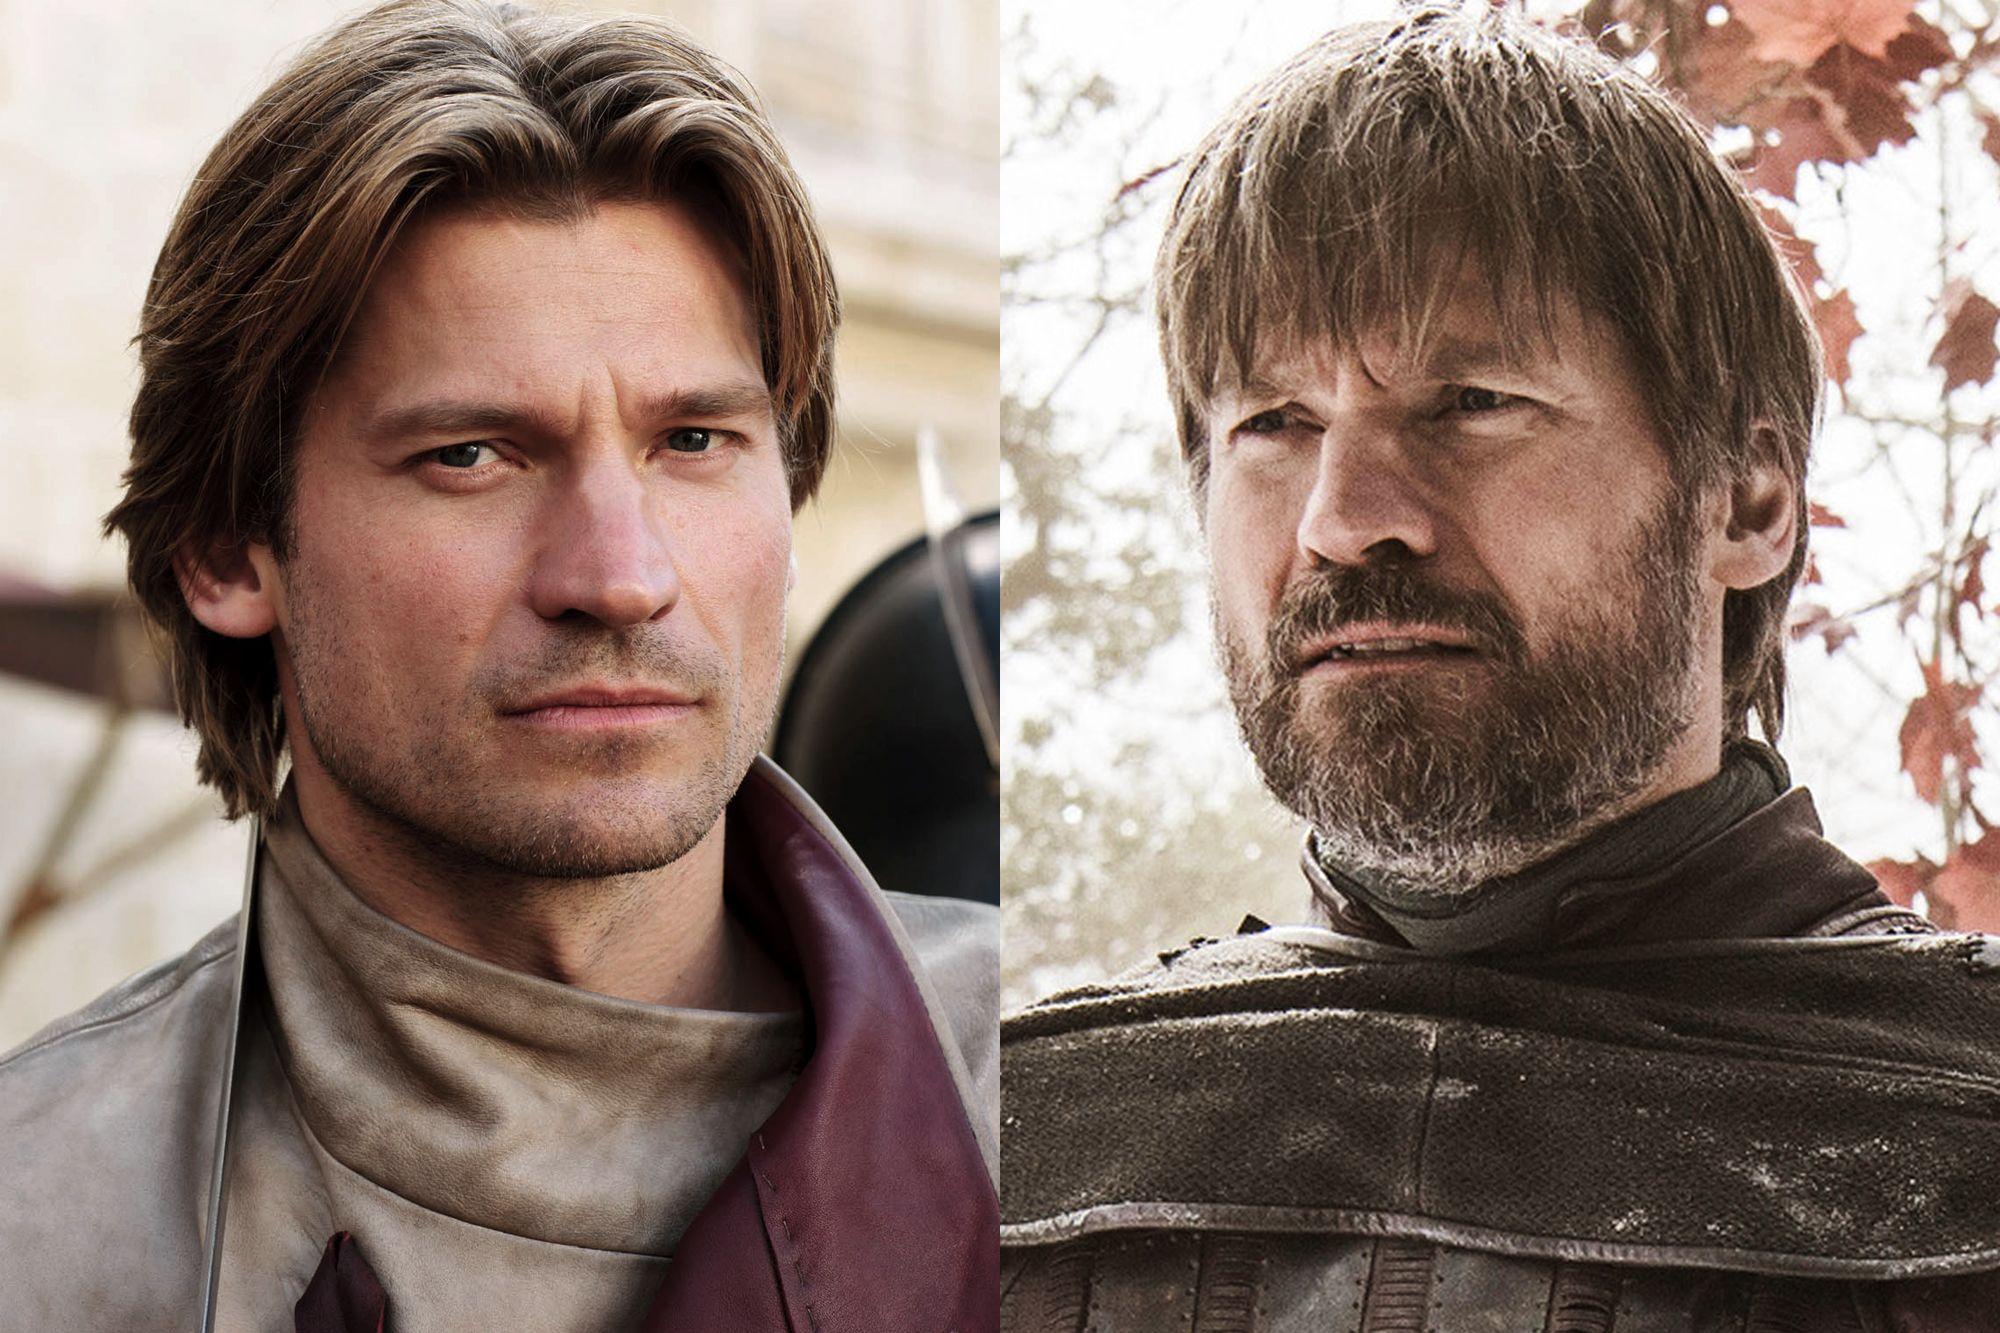 Nikolaj Coster-Waldau as Jaime Lannister Season One to Season Eight.